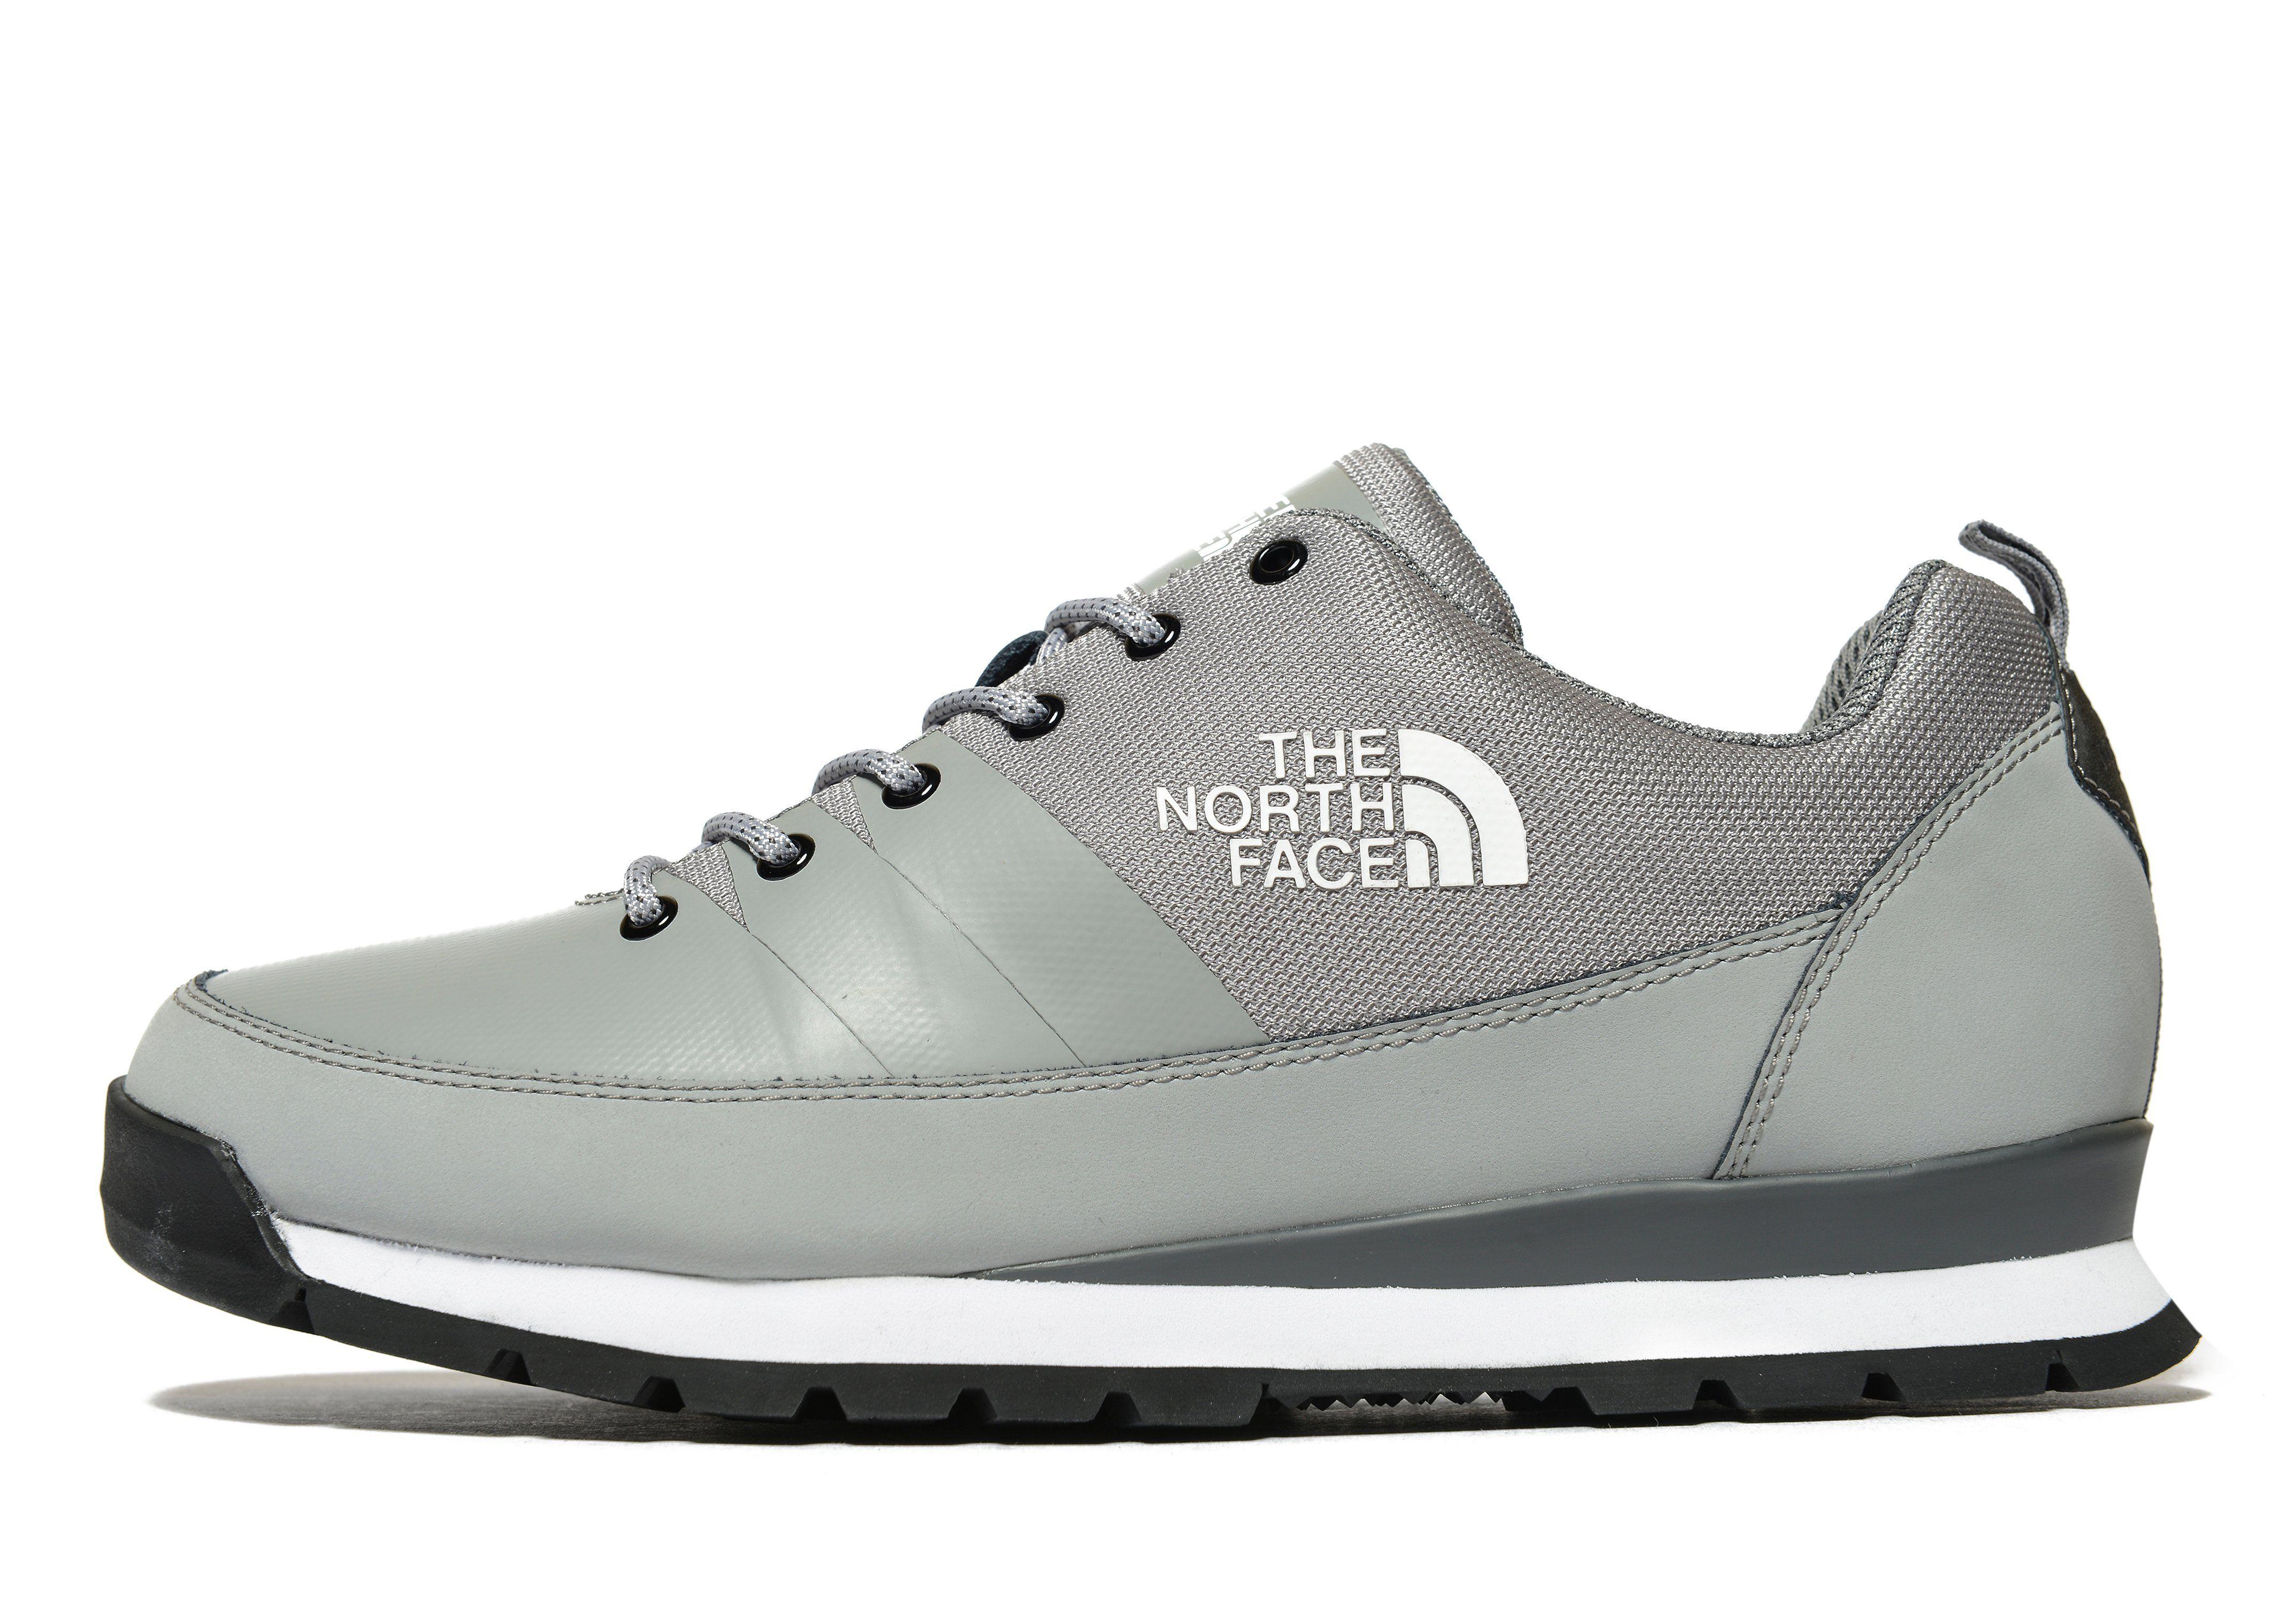 Zapatos blancos The North Face para hombre talla 43 EZ3sowck